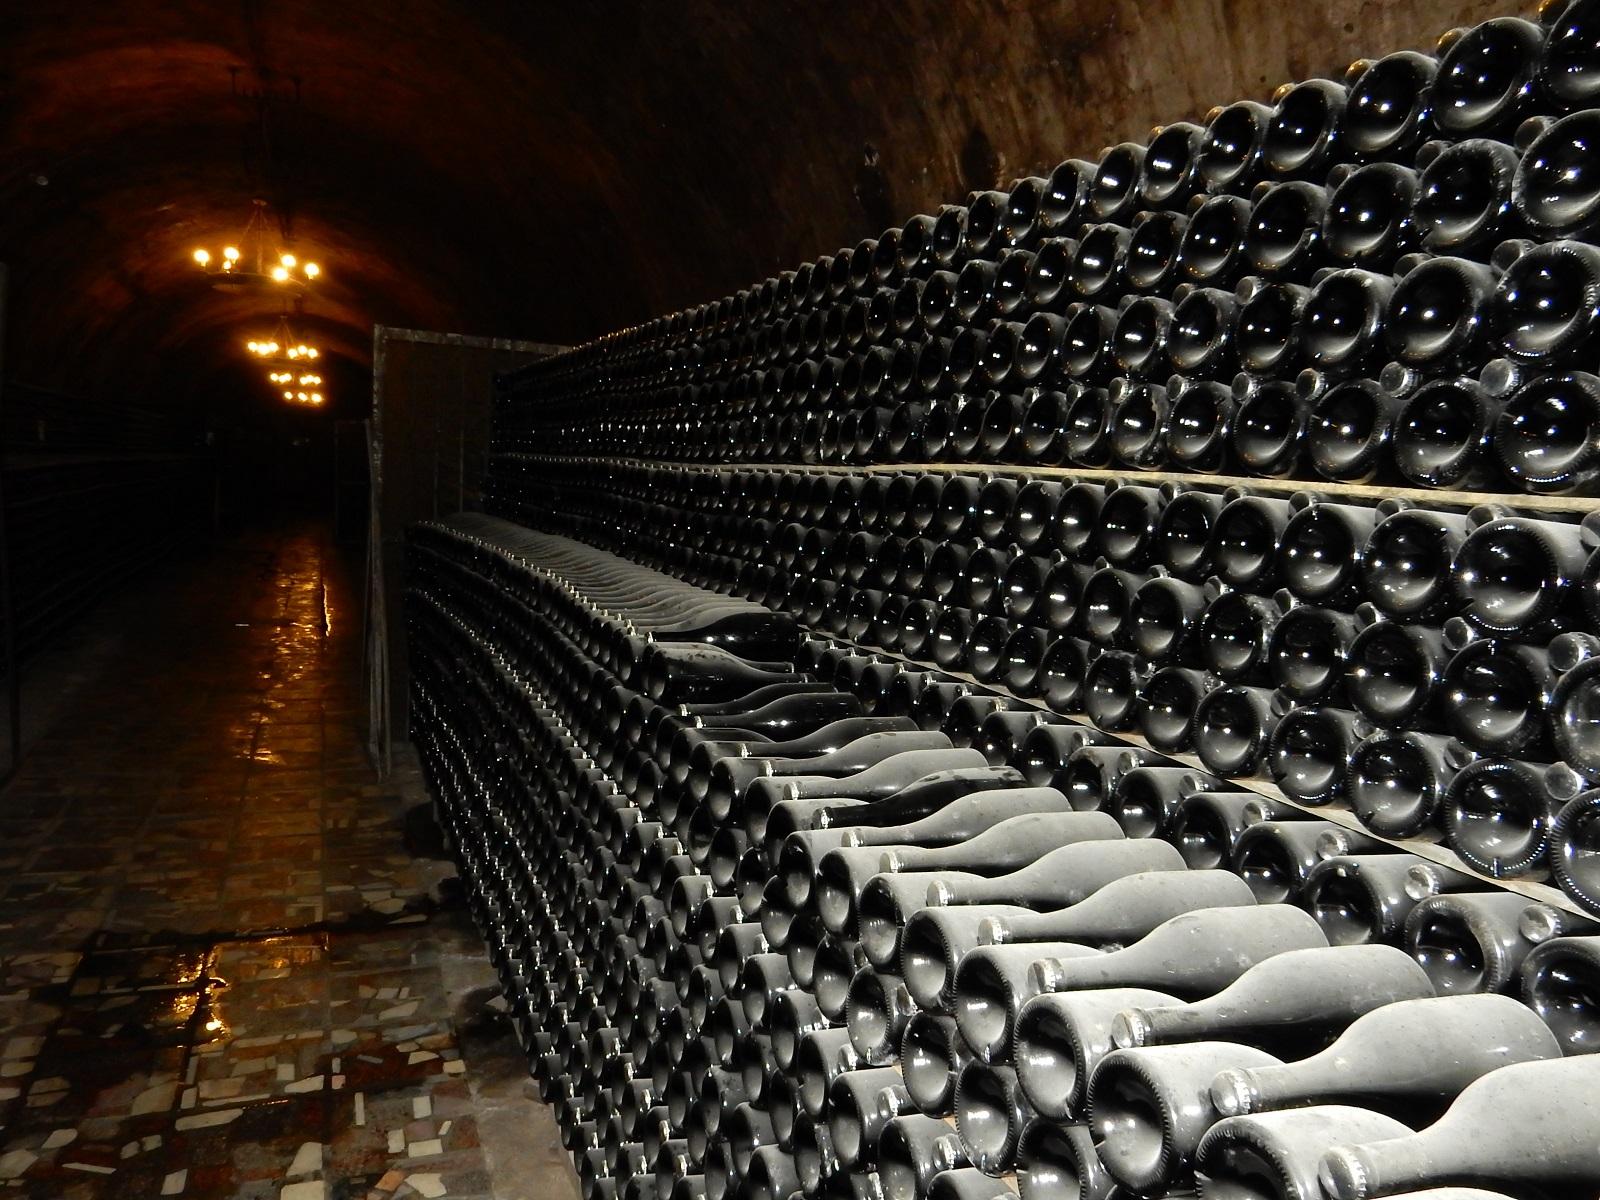 Тёмные коридоры Завода шампанских вин Абрау-Дюрсо